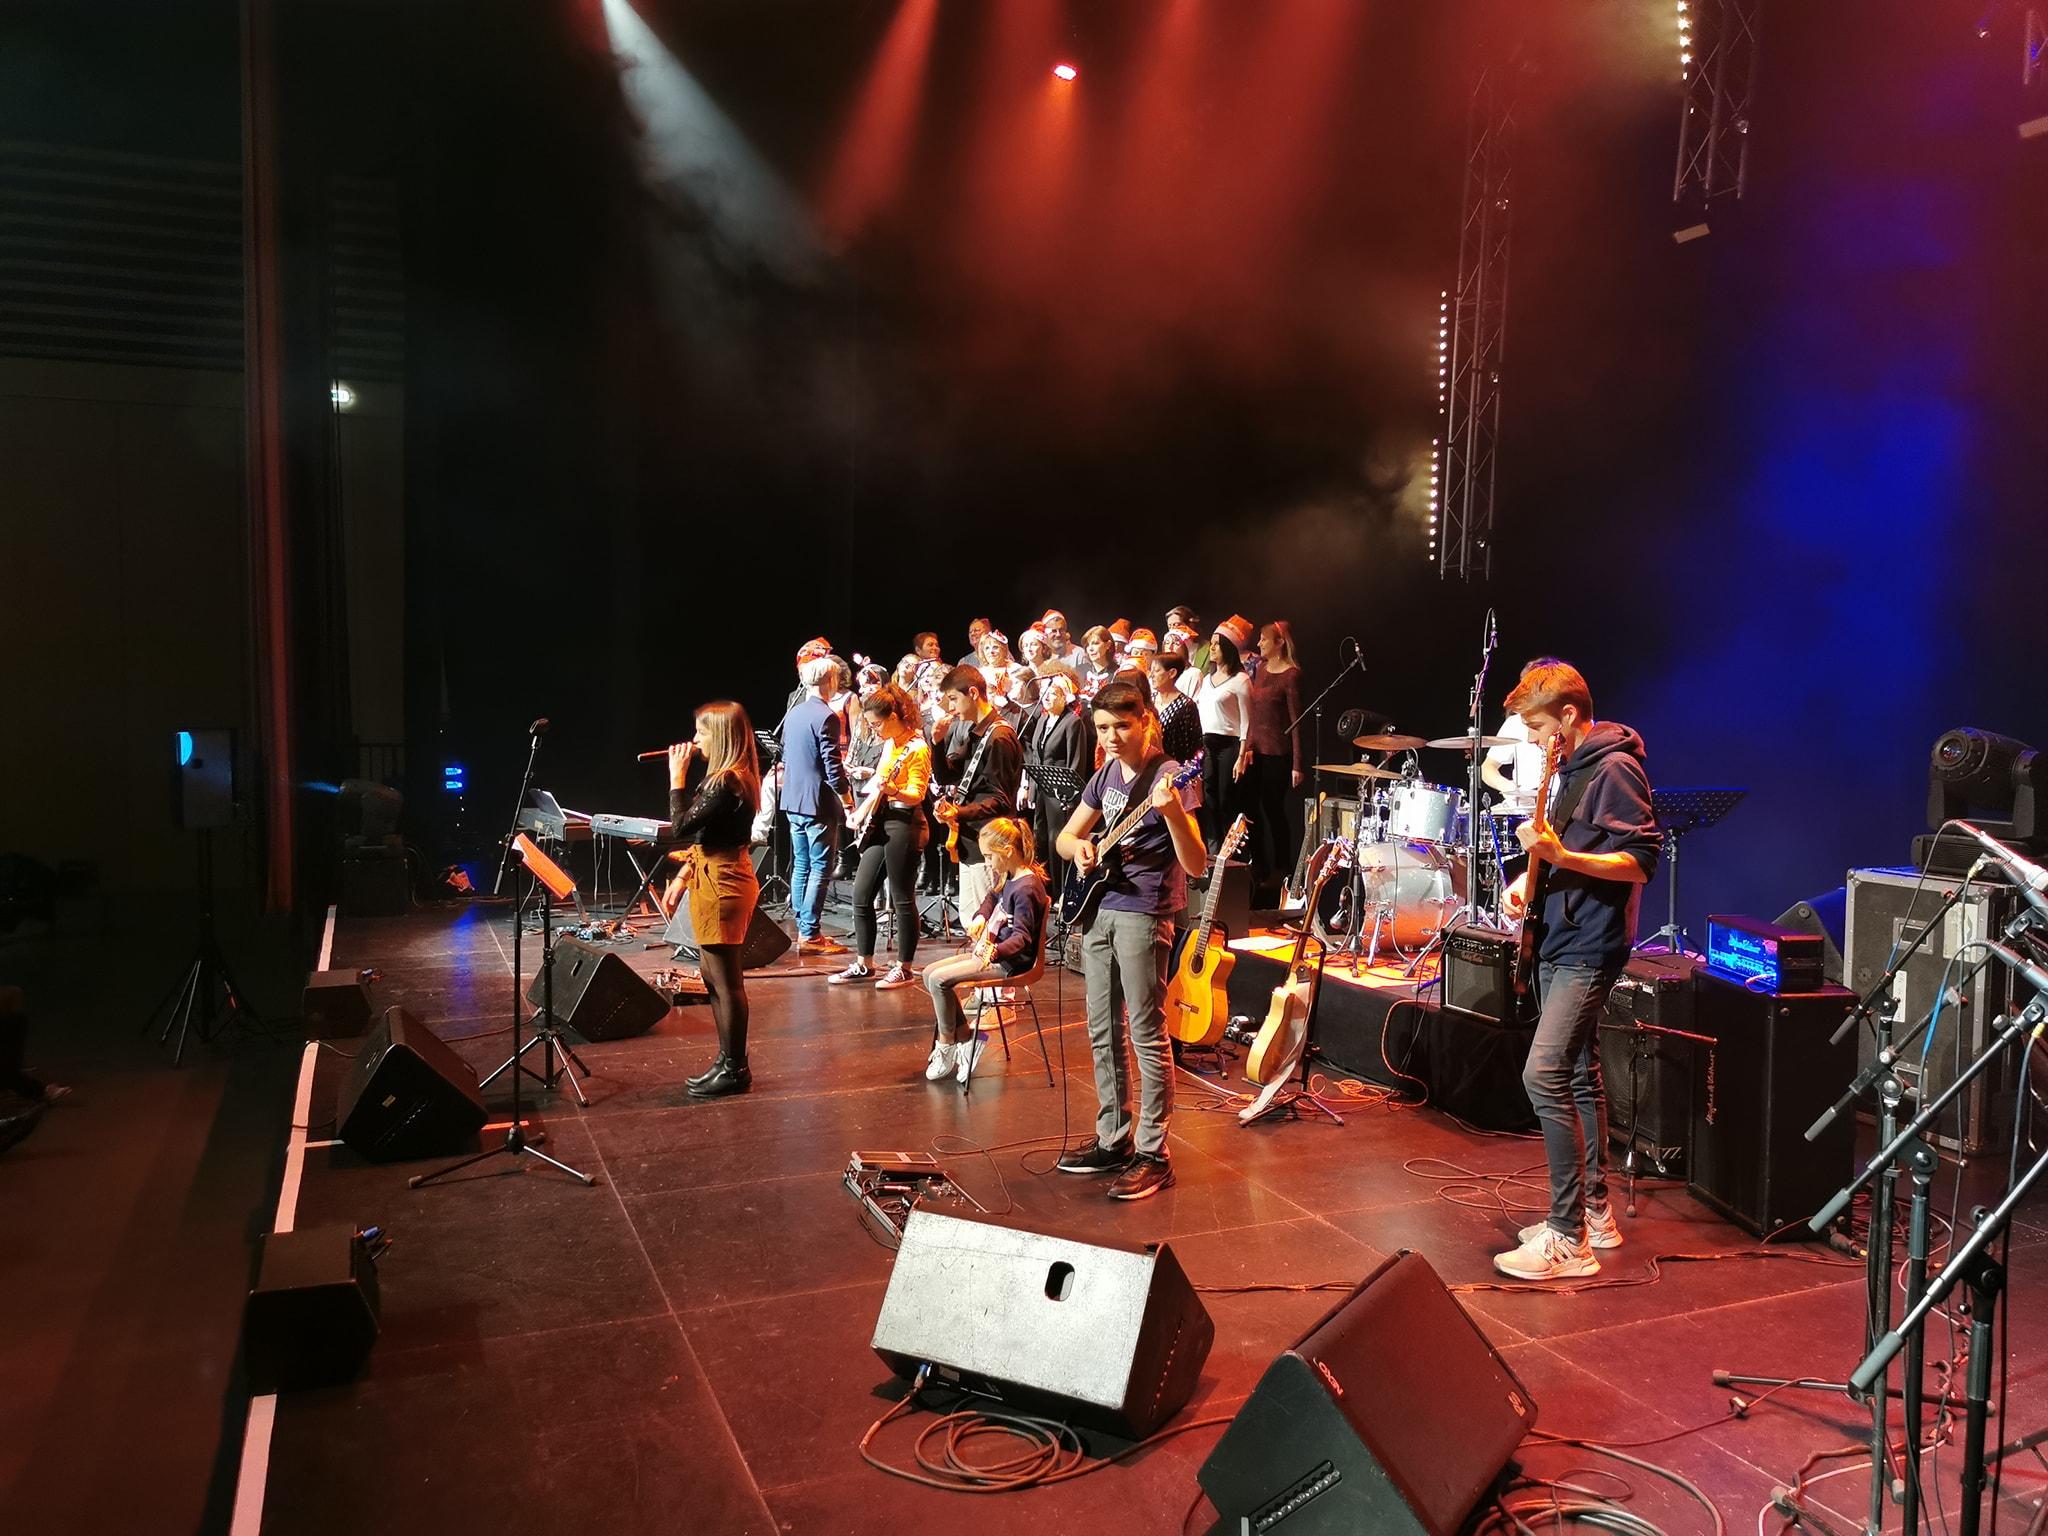 concert 06.12.19-6